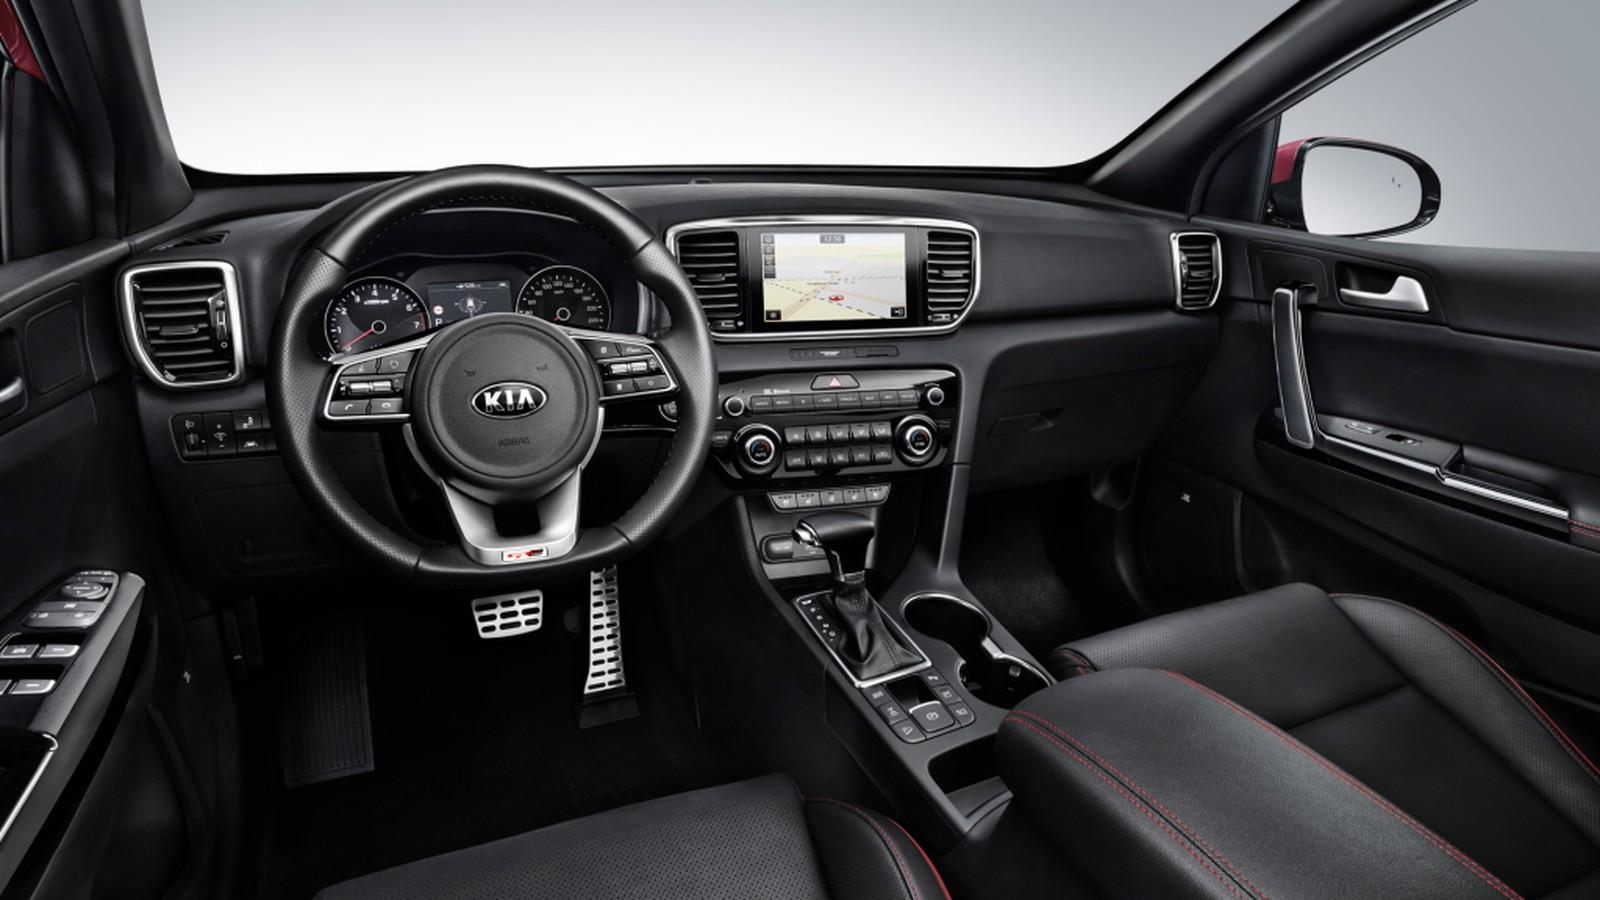 Kia Sportage 2019 começa a ser vendido no Brasil com preços entre R$ 110 mil e R$ 157 mil. Reestilização só está presente nas versões mais caras.